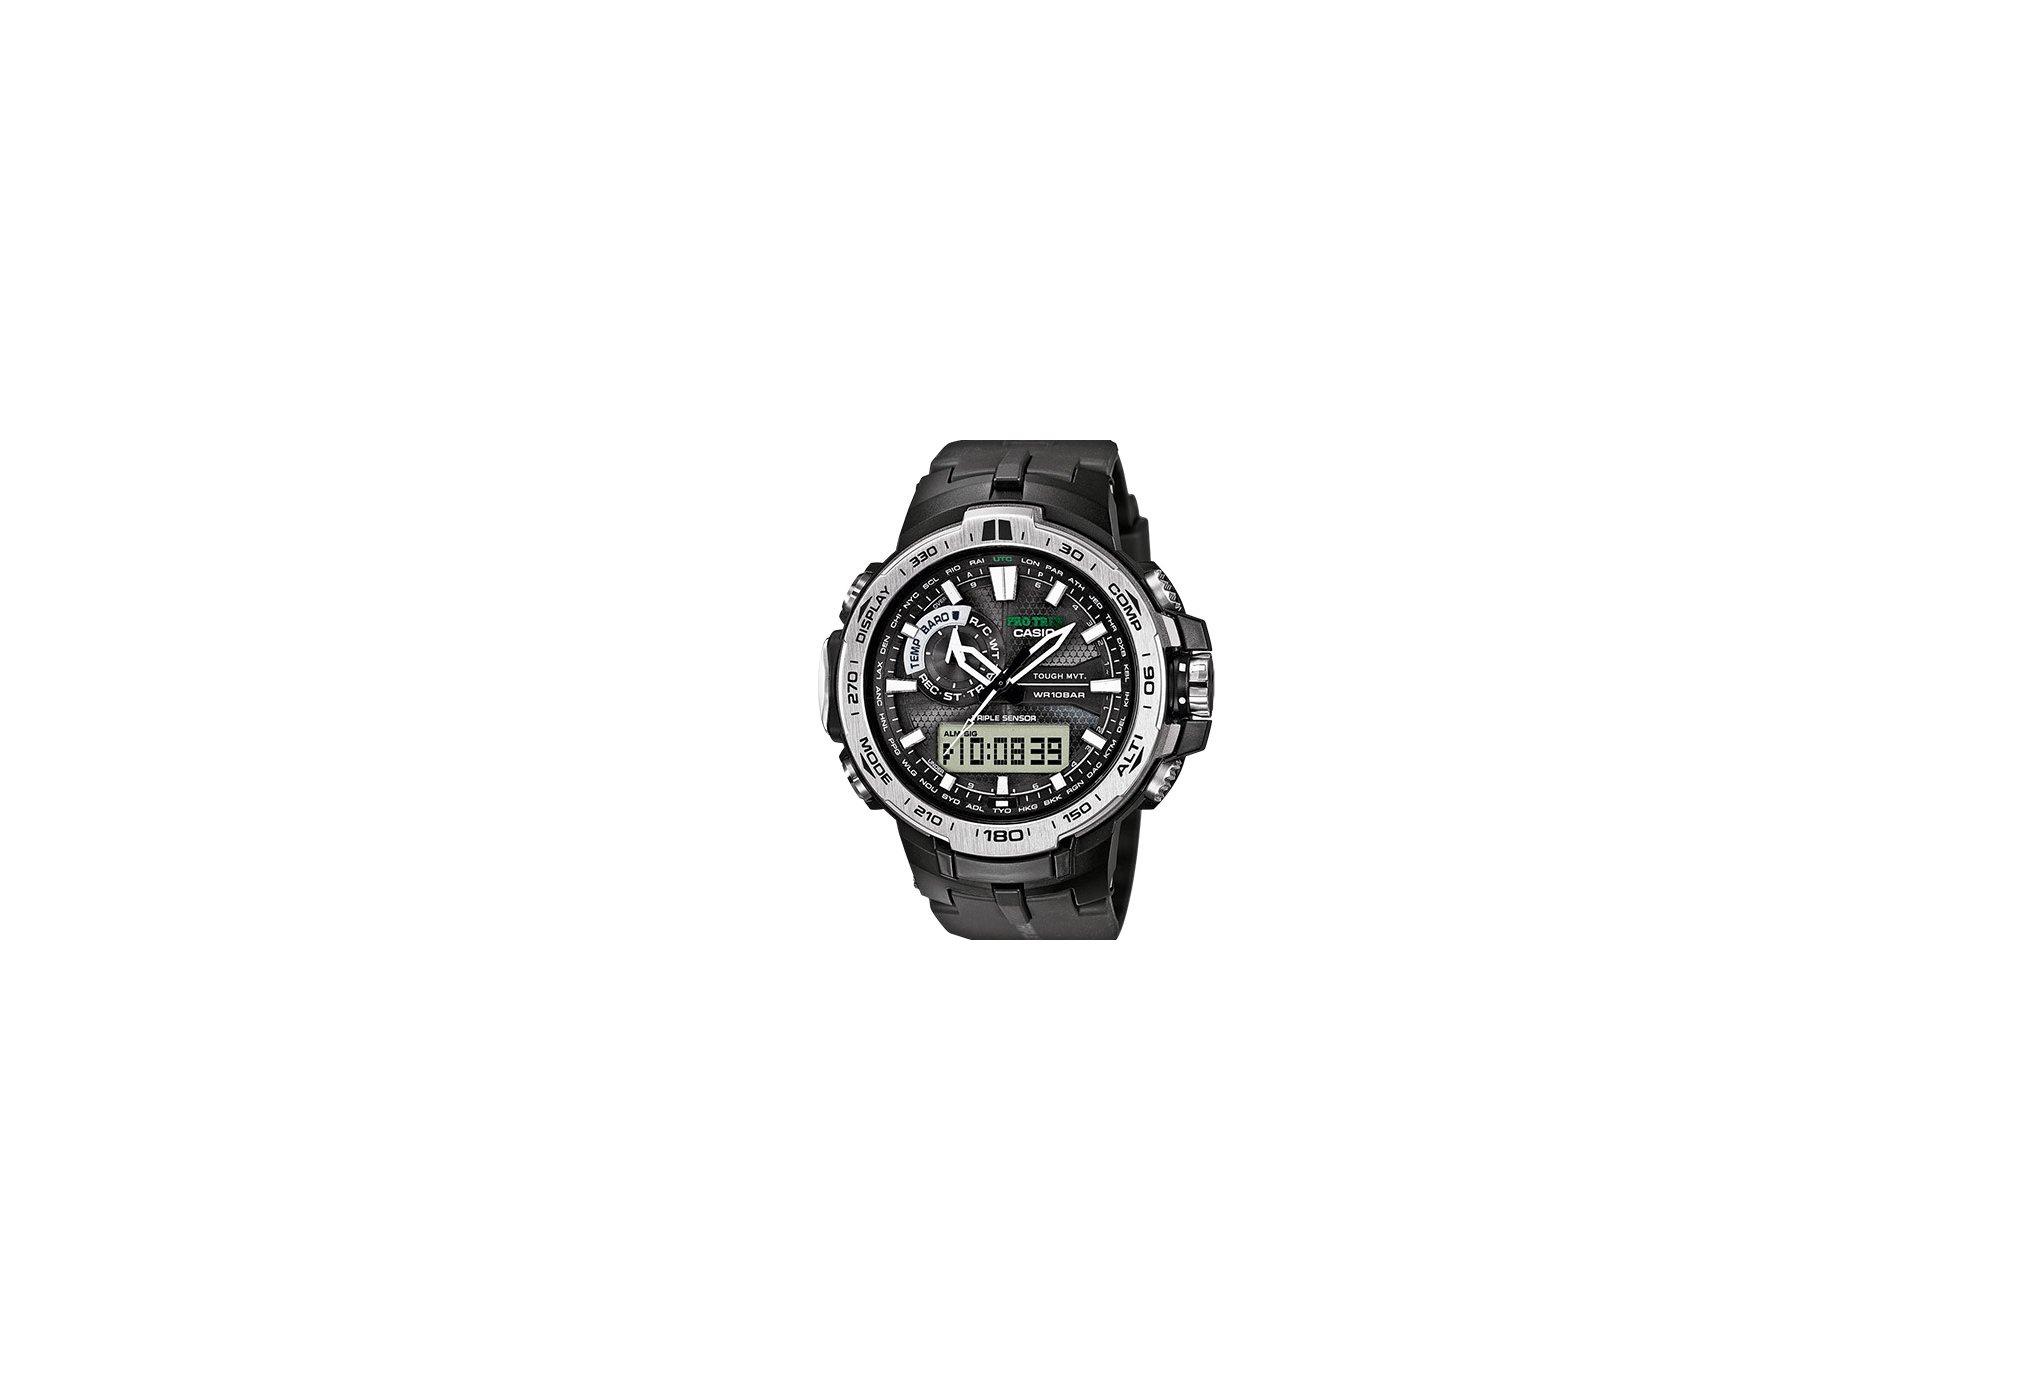 Casio Prw-6000 montres de sport